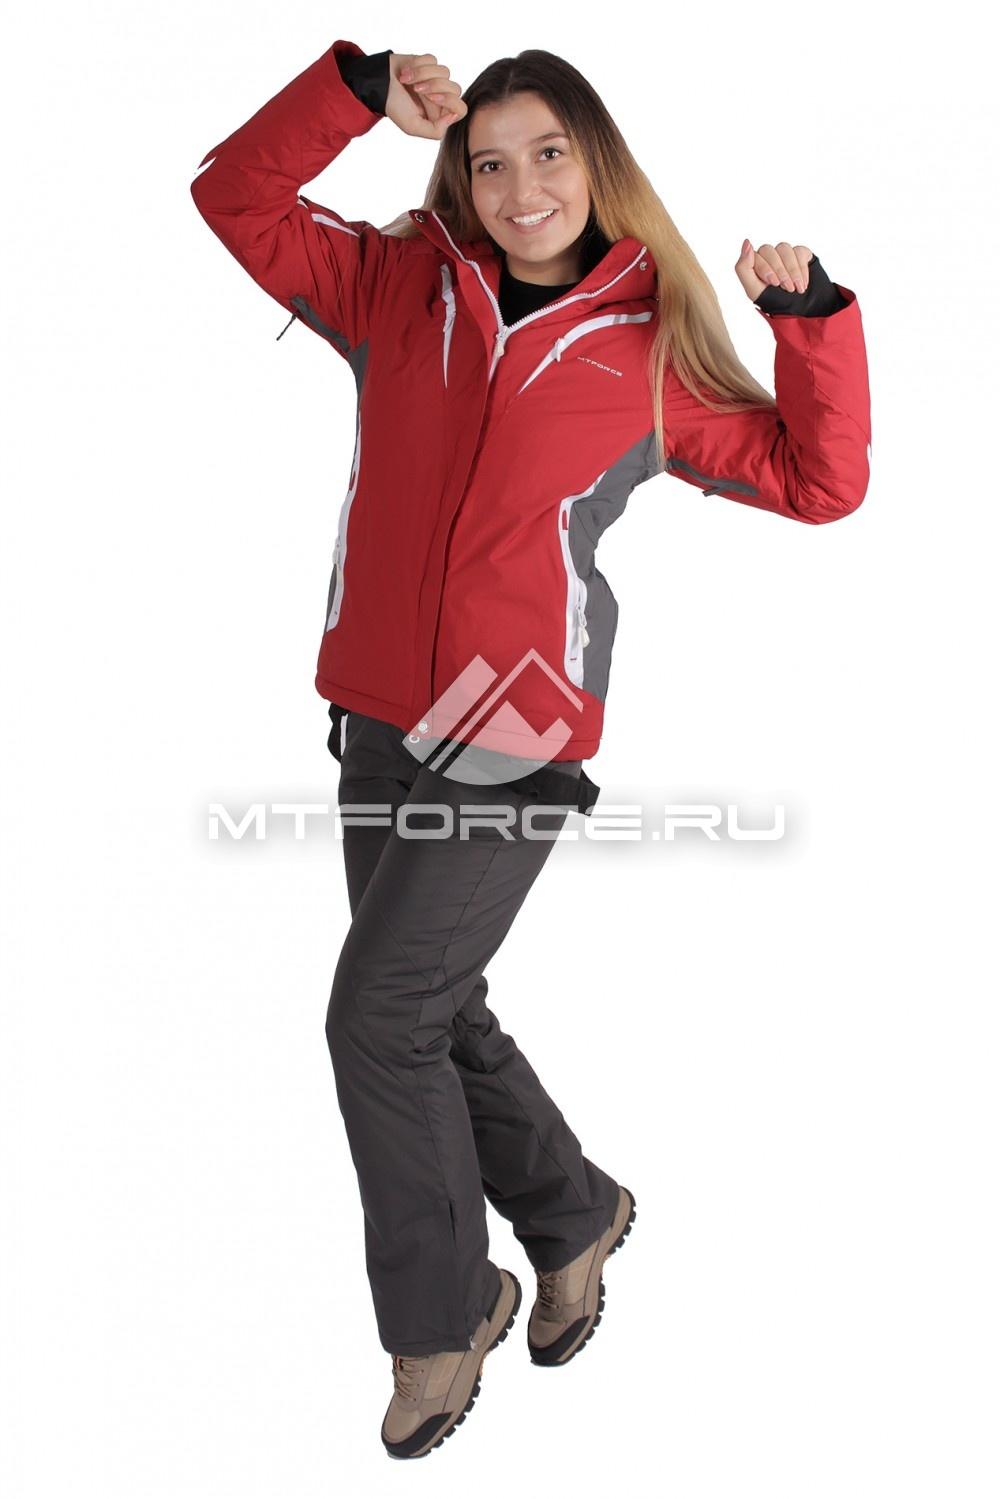 Купить                                  оптом Костюм горнолыжный женский красного цвета 01628Kr